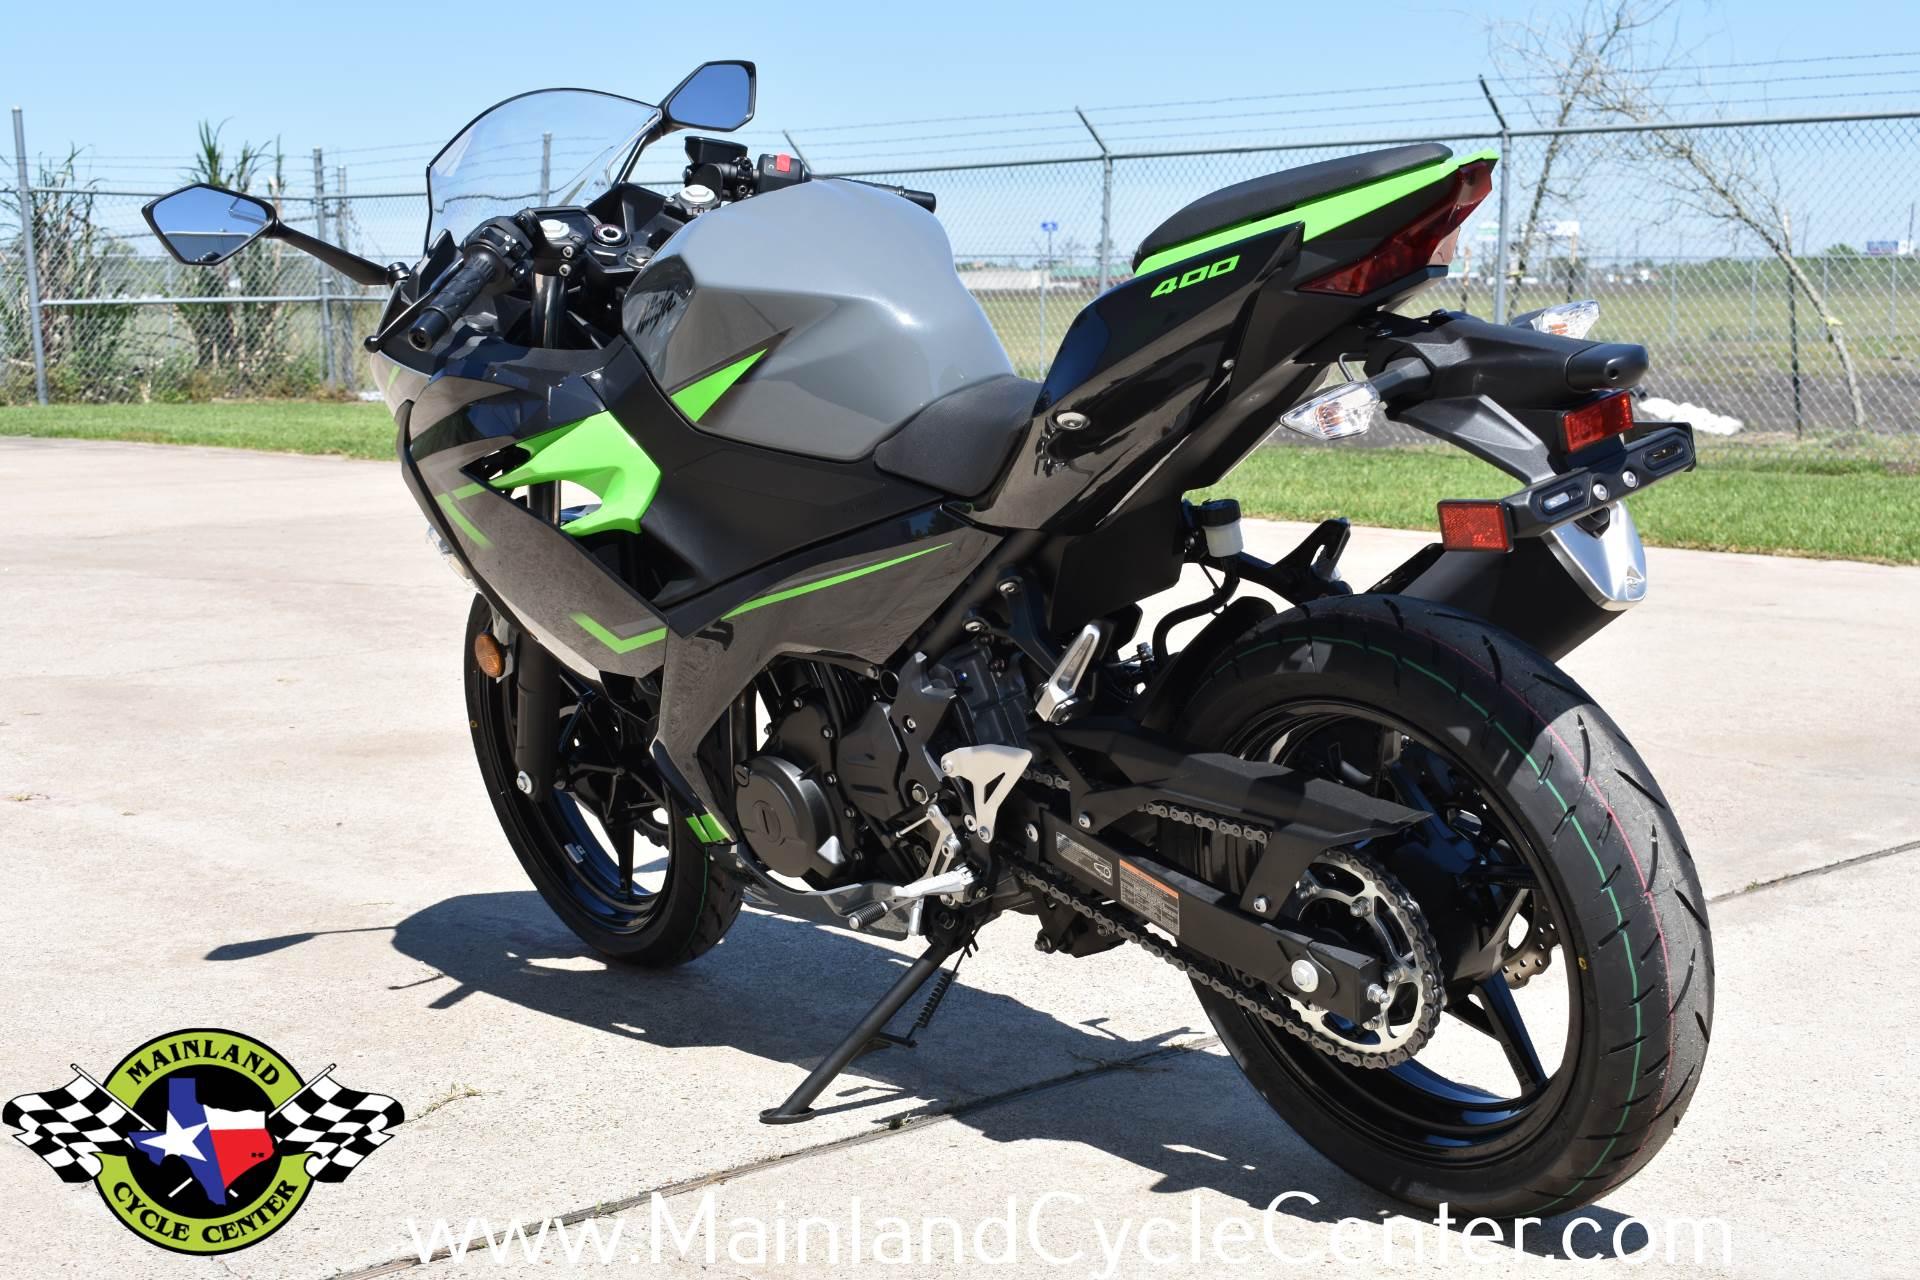 2019 Kawasaki Ninja 400 ABS 7